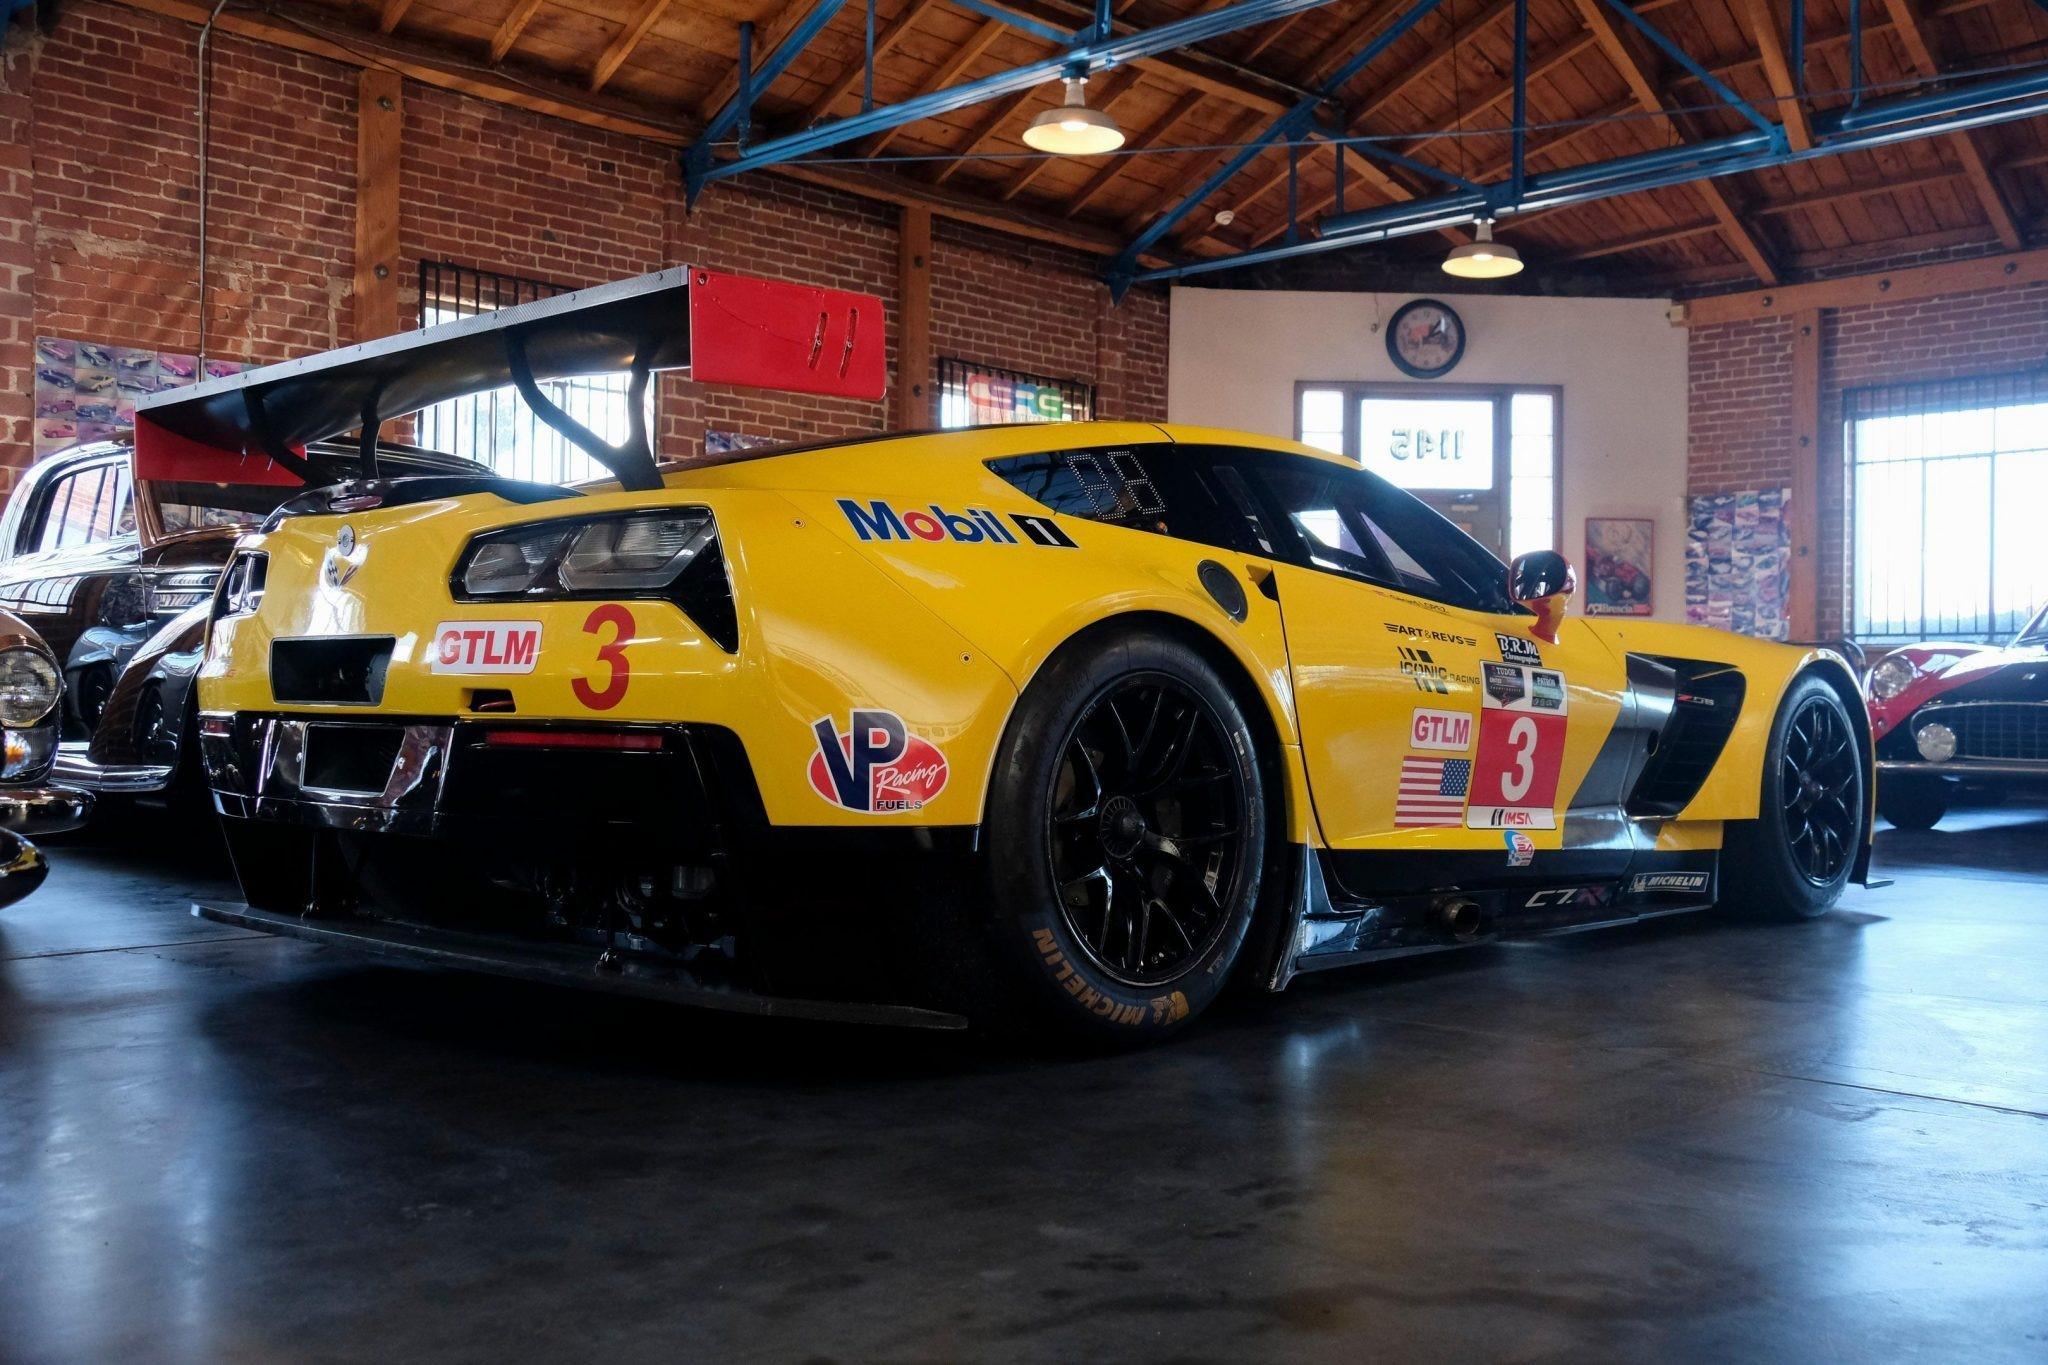 您可以购买勒芒赛车的2014年雪佛兰Corvette C7.R